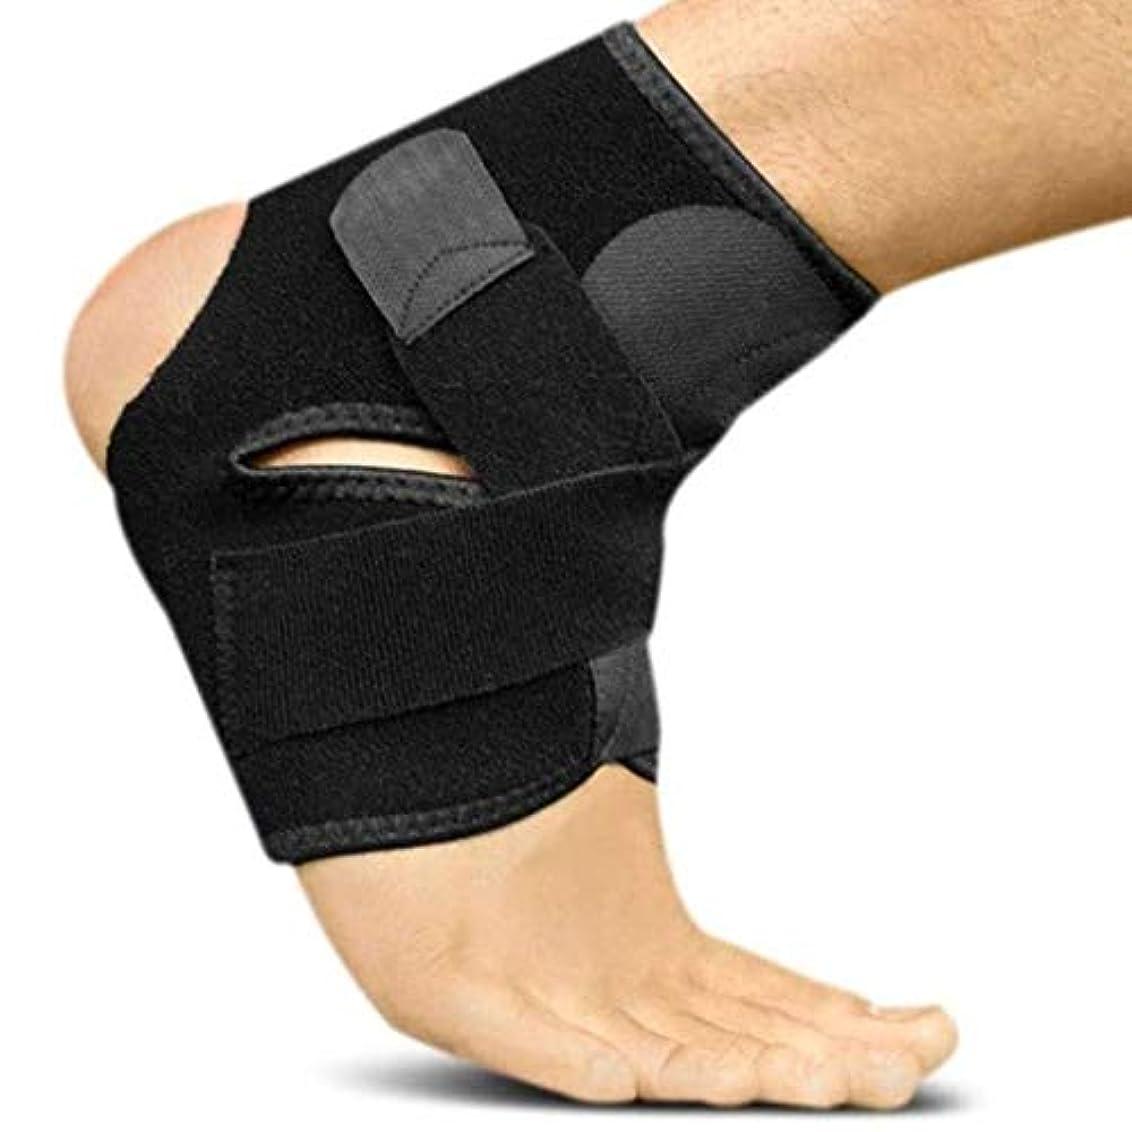 足首サポート、足首サポートベルト調節可能なラップ包帯サポート足の痛みを軽減する運動足底筋膜炎ストッキング腱炎捻挫